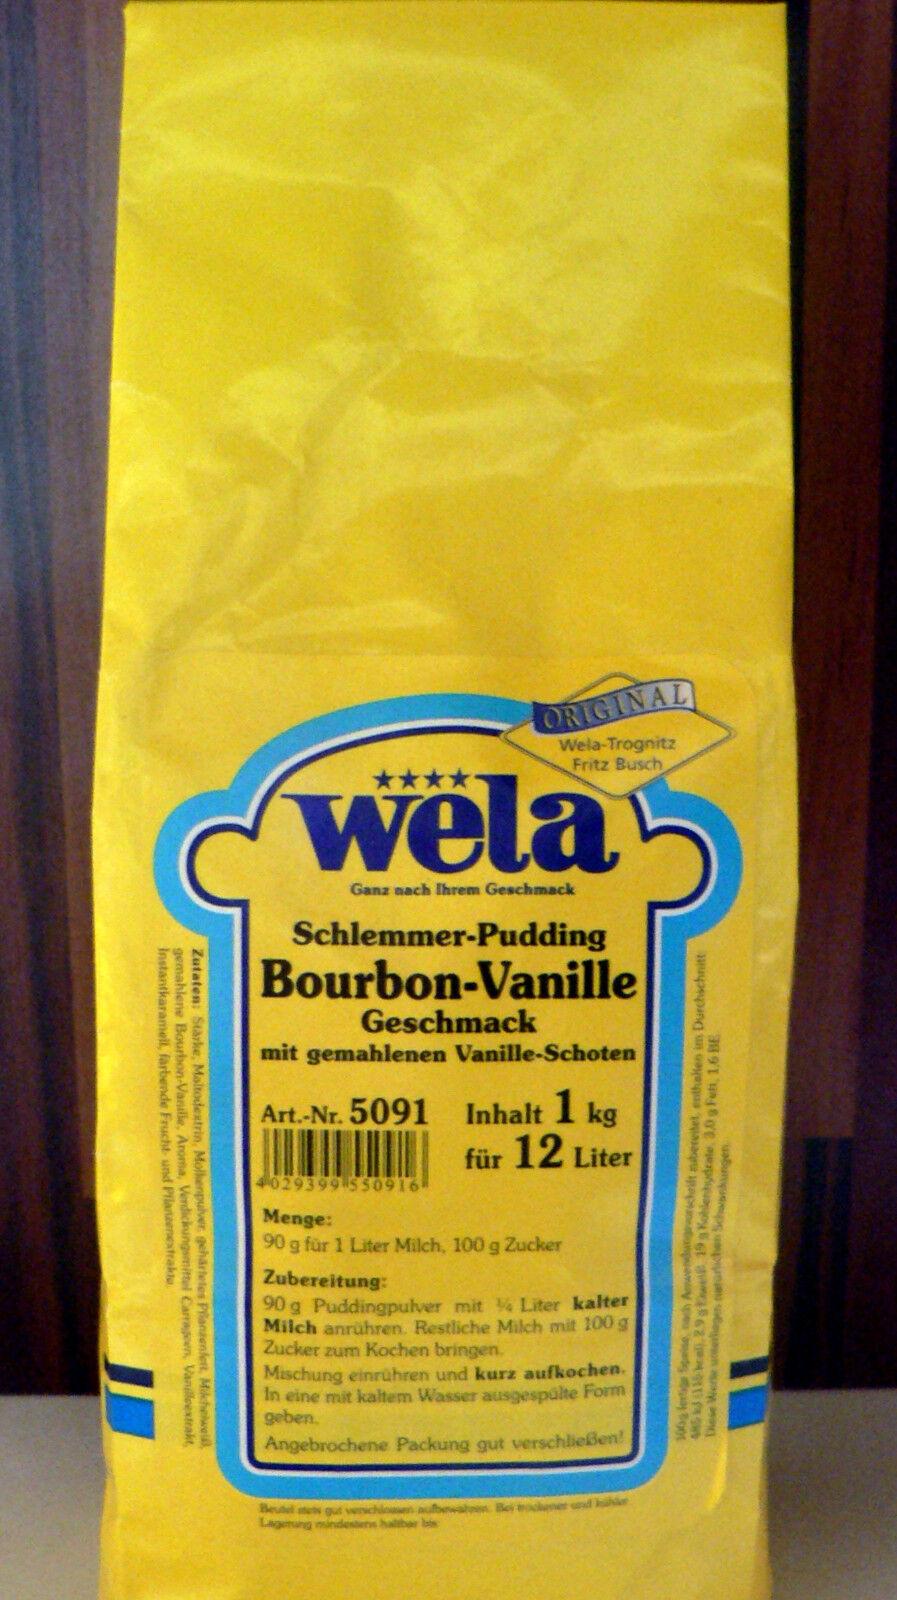 Wela-Schlemmer-Pudding Bourbon-Vanille Geschmack 1kg